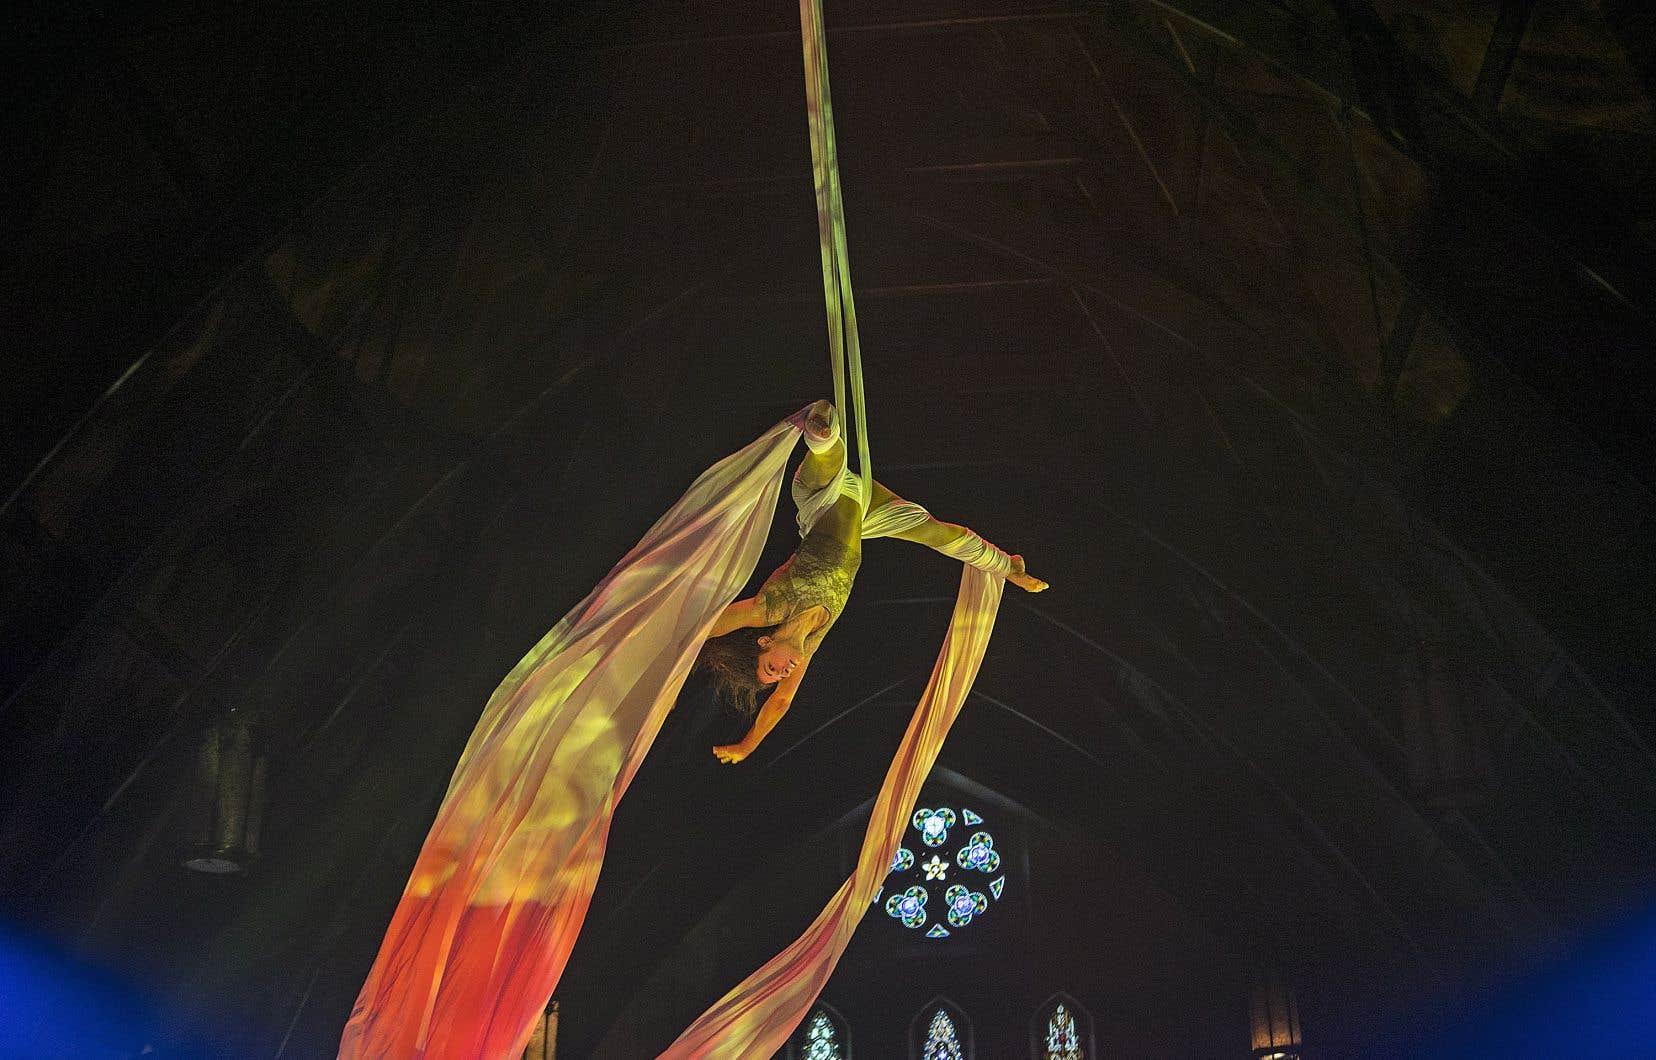 Jeudi et vendredi, les trapézistes Shannon Gélinas (sur cette photo) et Evelyne Paquin-Lanthier se produiront à l'église anglicane St. Jax, s'entortillant dans un long tissu blanc devant des vitraux emblématiques.